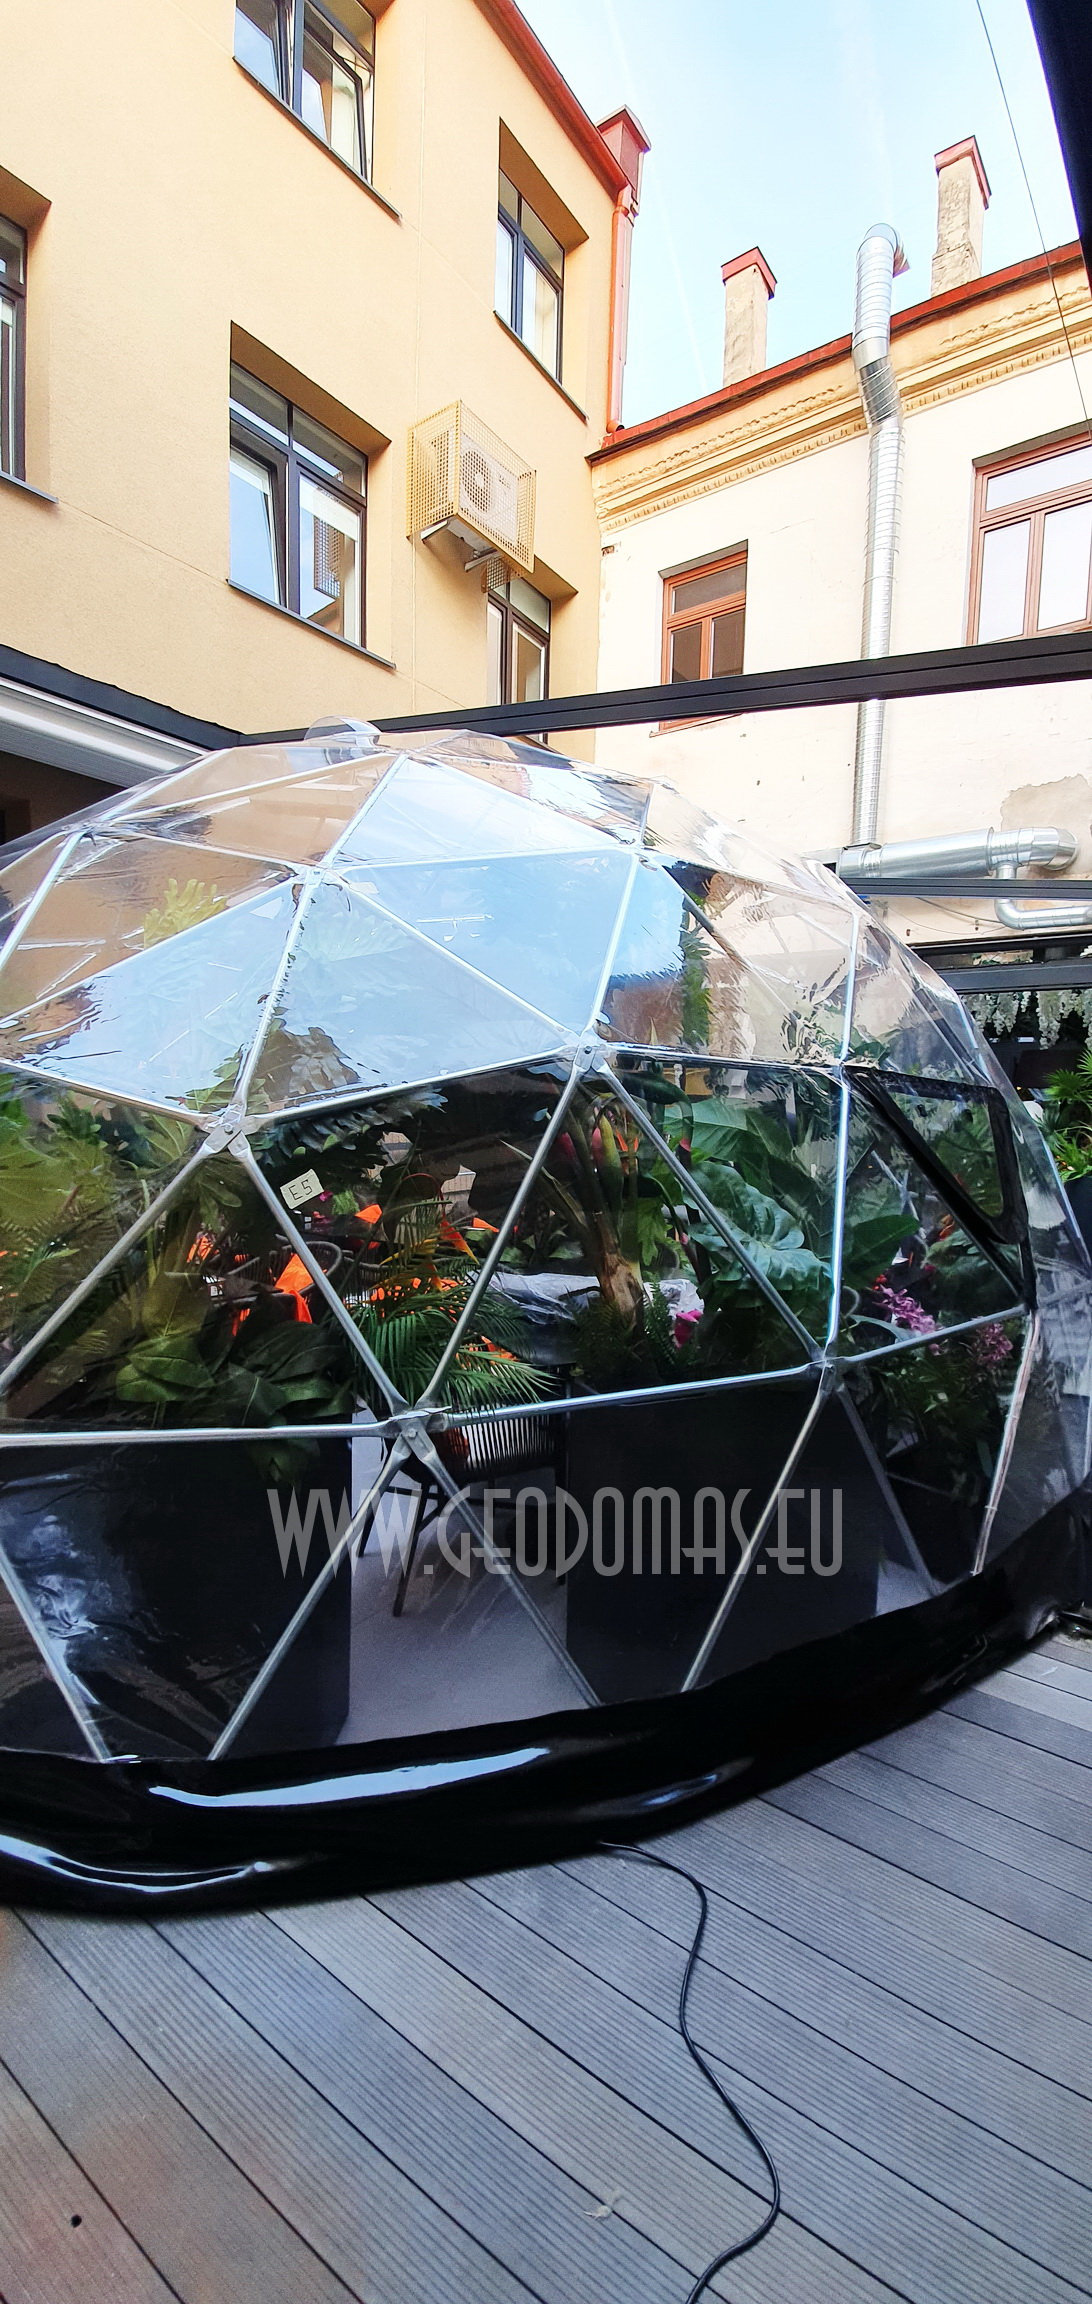 32m² Restoranas Spritz Summer Garden Ø7m | Vilnius